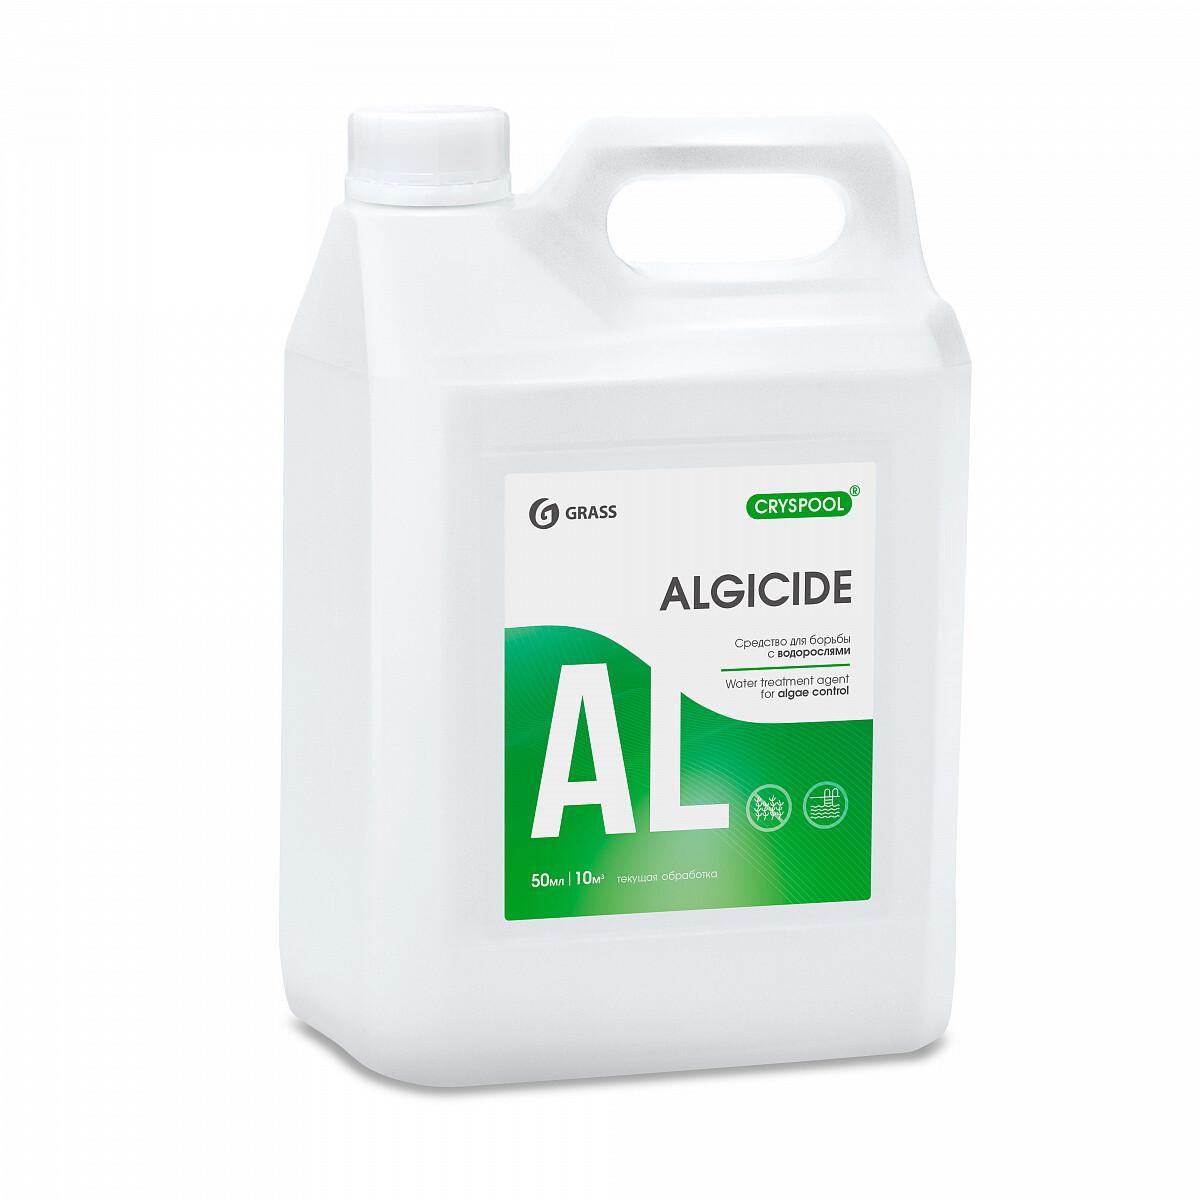 Средство для борьбы с водорослями CRYSPOOL algicide, 5 л